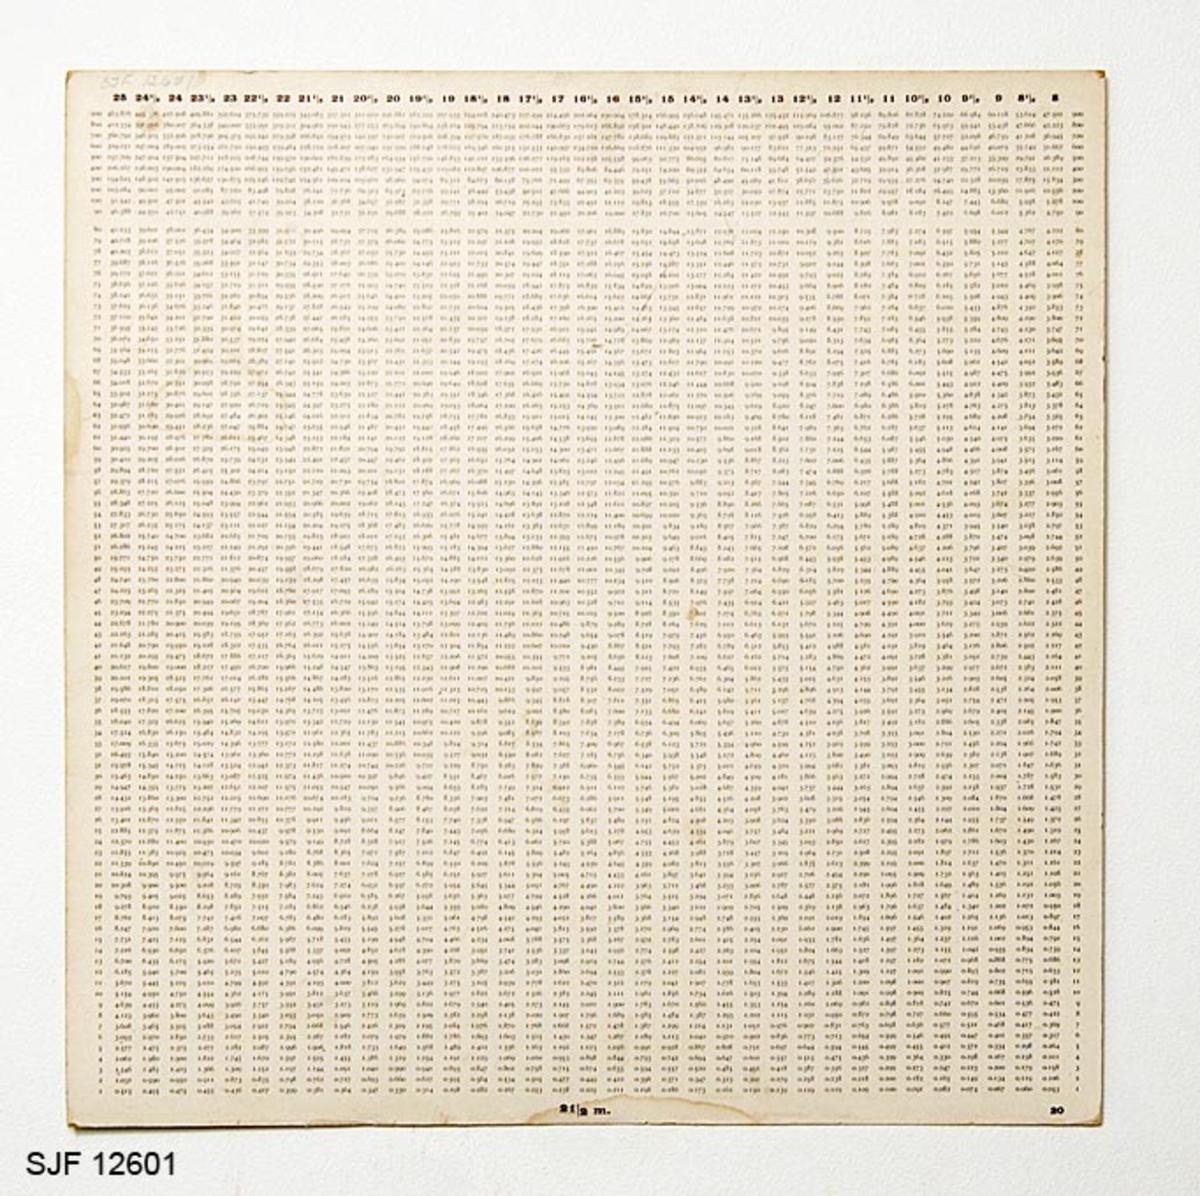 Papplate med ferdig utregnet kubikkinnhold for en bestemt halvmeterlengde pr. plateside (8 - 22 halvmeter). Det er to tabeller på hver plate. Tabellen viser kubikkinnholdet for stokker med diamter fra 8-25 cm. Stokkenes diametermål er satt opp i øverkant på plata. Diametermålet er satt opp i halve centimeter. I underkant står den aktuelle halvmeterlengden. Denne platen viser kubikkinnholdet for stokker med en lengde på 20 halvmetre på den ene siden og for stokker med 21 halvmetre på den andre siden.  På hver side av pappplaten er det satt inn antall stokker som man kan beregne kubbikkinnholdet for. Eksempel: Denne platens ene side beregner kubikkinnholdet for stokker som er 20 halvmeter lange. Det vil si at når man har diameteren som f eks. kan være 20 cm og 10 stokker som er 20 halvmeter lange vil man få et kubikkinnhold på 3, 142 kubikkmeter. Fra 1 - 80 har tabellen avlesningsmulighet for hver stokk. Fra 80 er det et sprang til 90 og 100. Fra 100 og oppover er det inndelt for hver 100. stokk opp til 900.